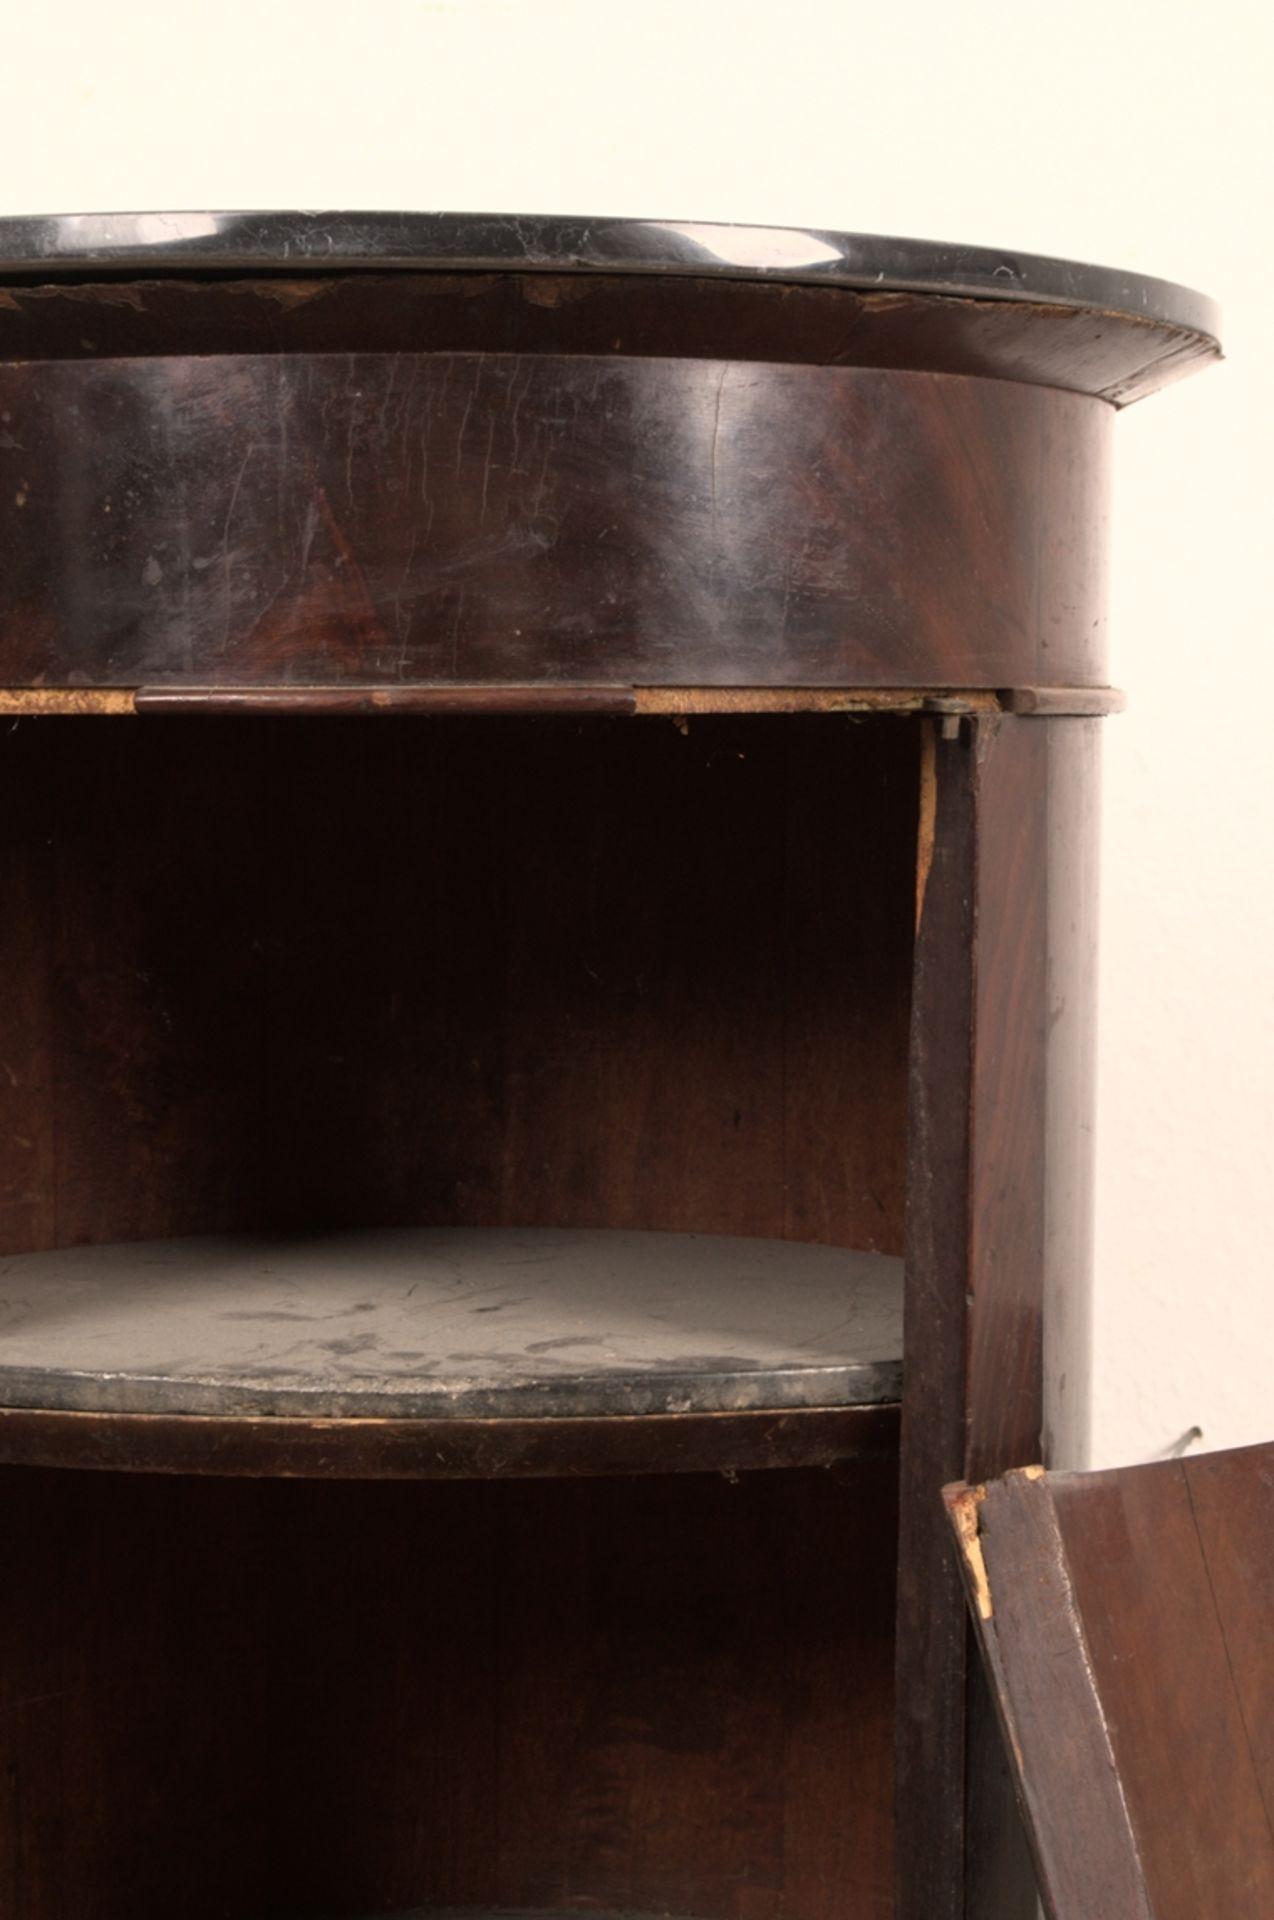 Antiker Säulenschrank/Trommelschrank, Biedermeier/Charles X, Frankreich 19./20. Jhd. Auf - Bild 6 aus 7